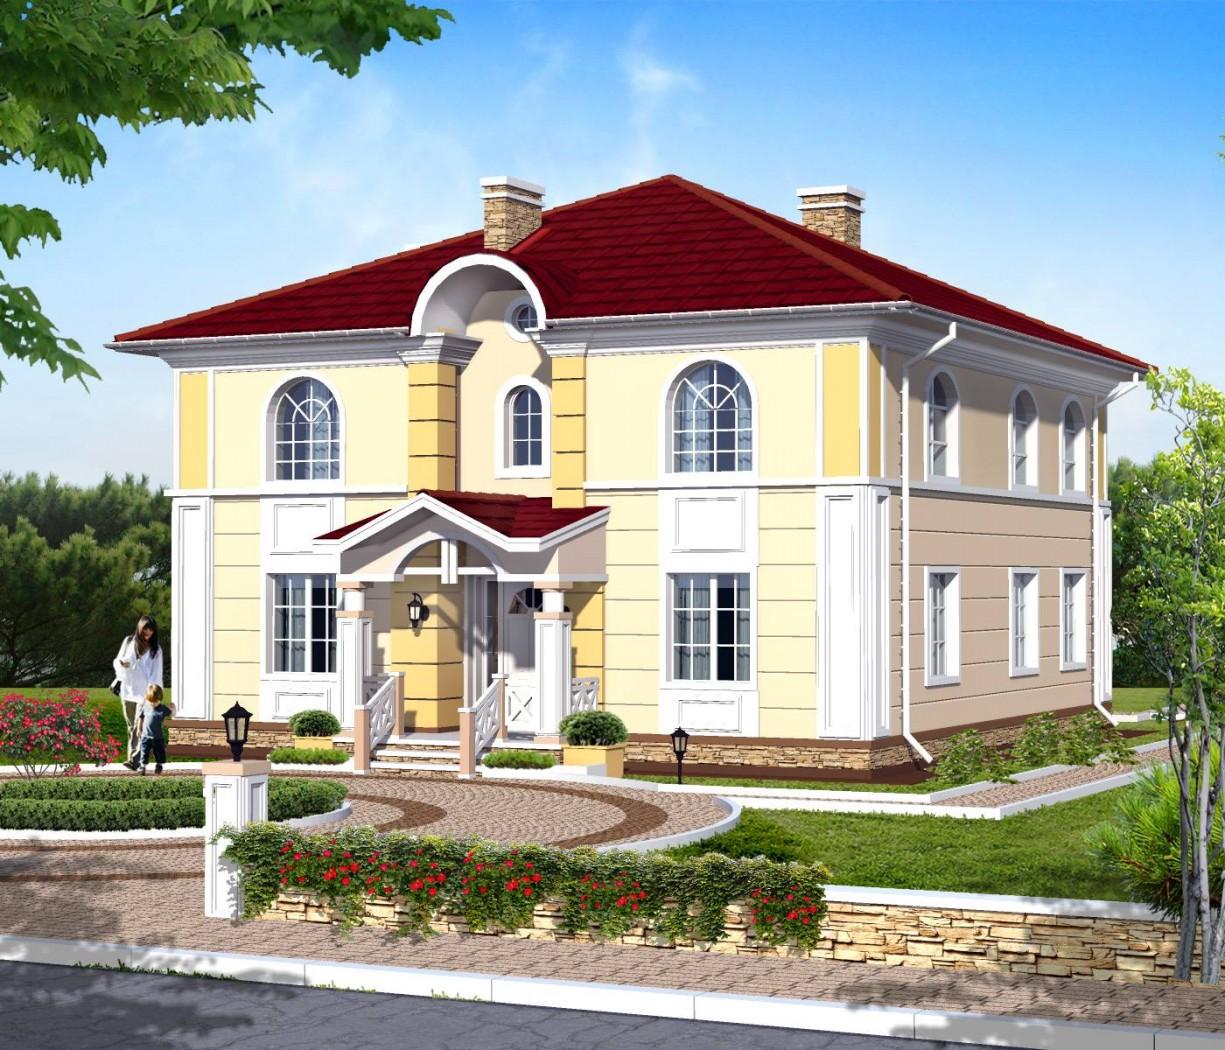 210_sofia_4_fasad1_1400